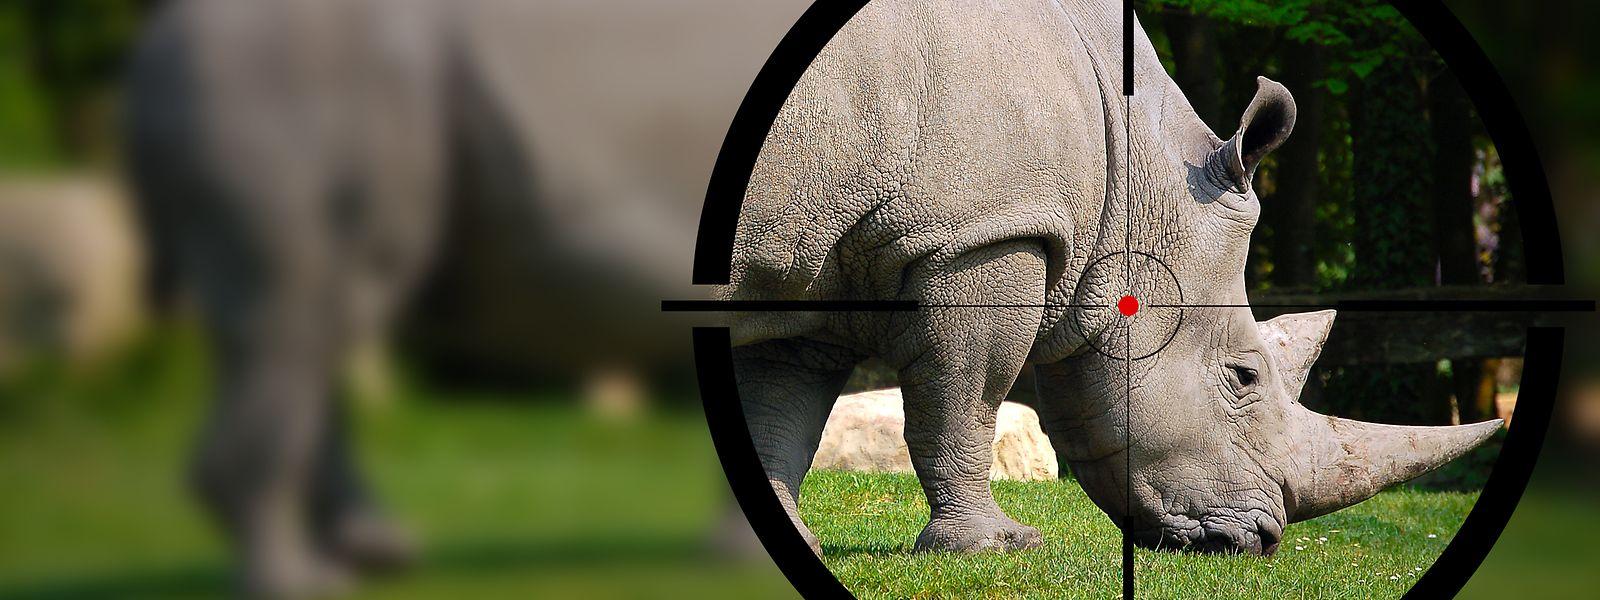 In Asien gilt das Nashorn-Horn als Wundermittel. Sein Wert erzielt höhere Preise als Gold.